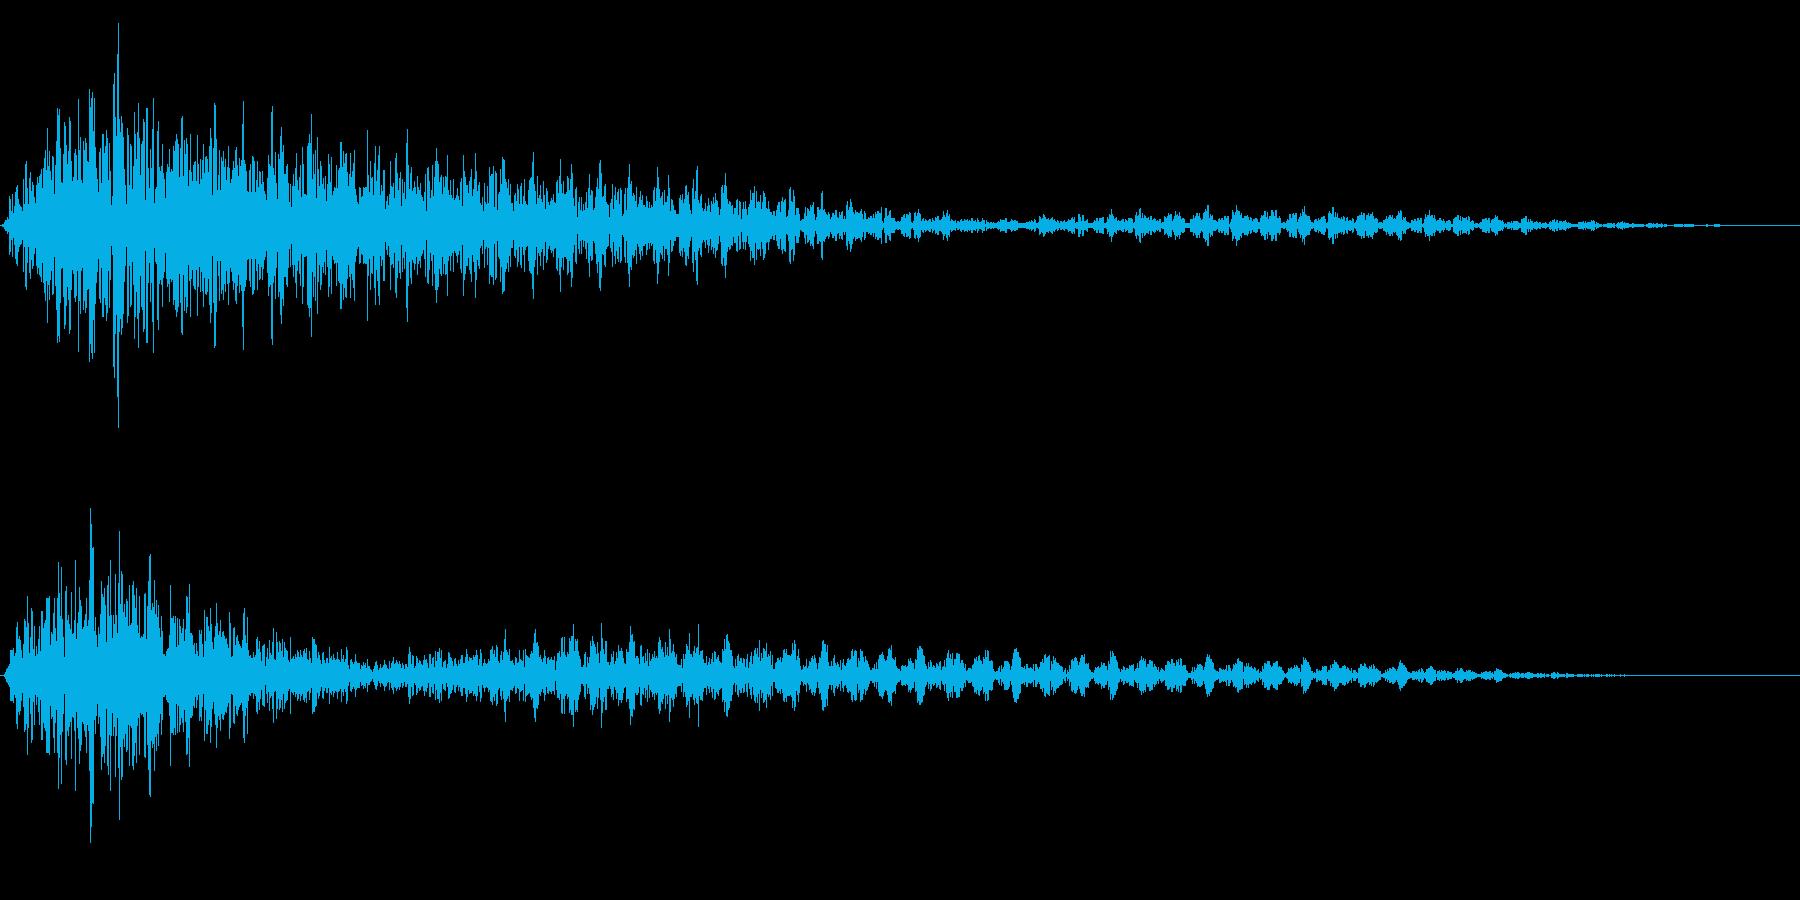 ホラー系アタック音52の再生済みの波形